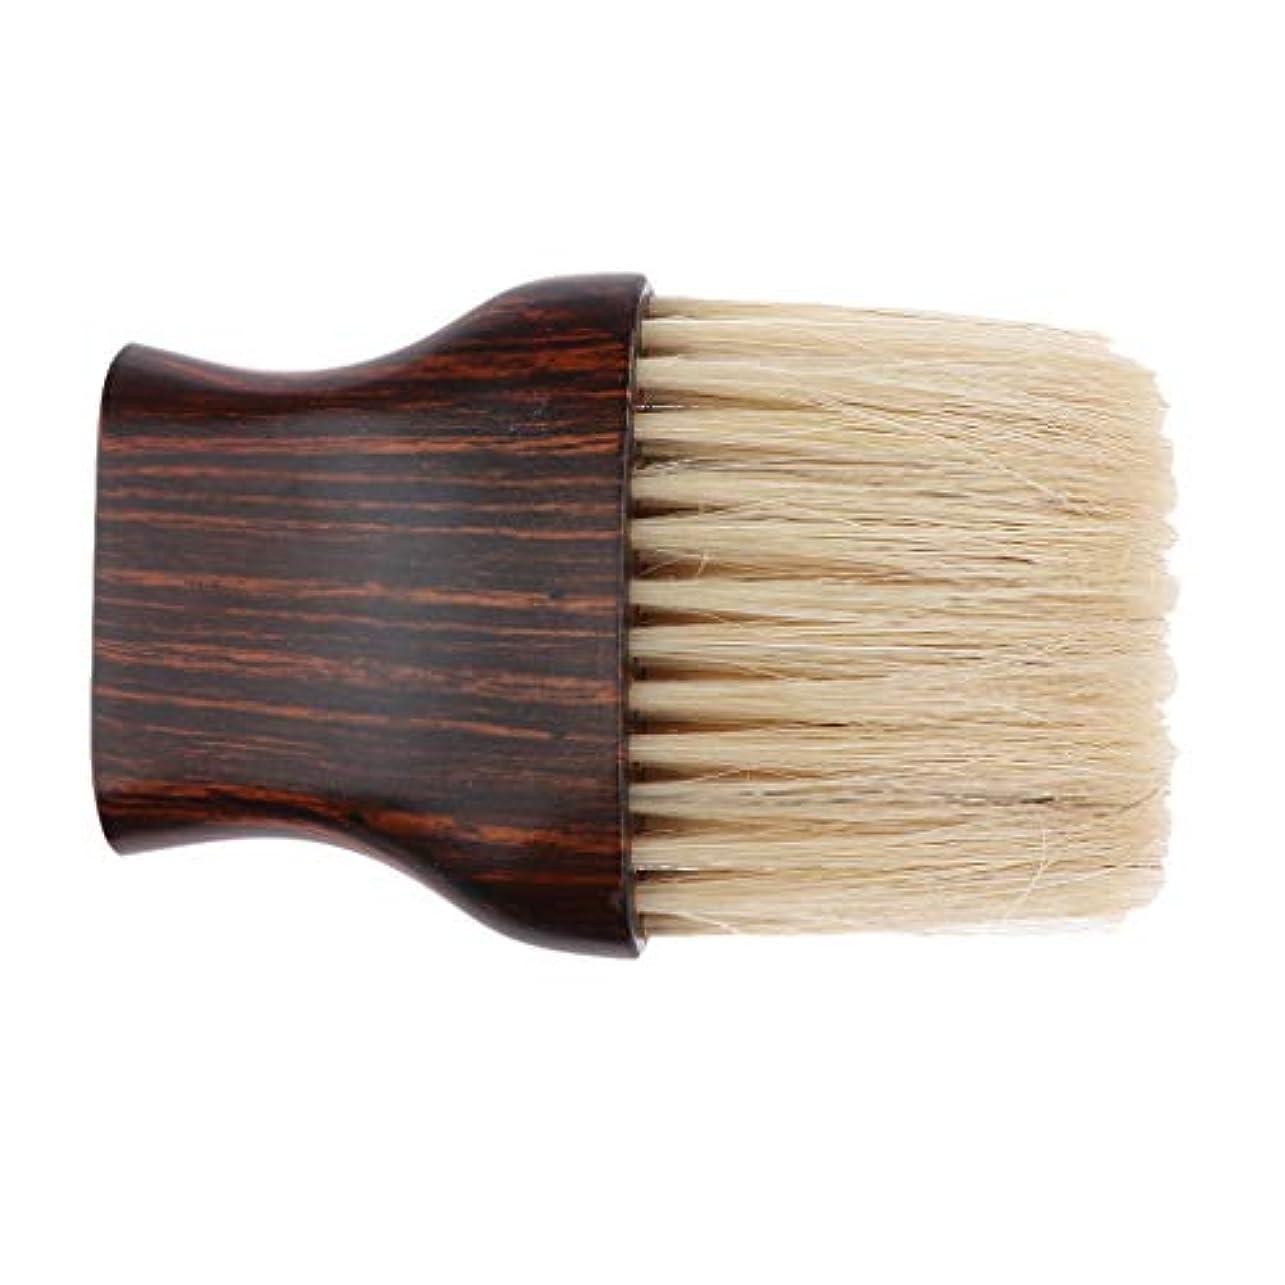 フォージディレクトリキャンプヘアブラシ 毛払いブラシ 木製ハンドル 散髪 髪切り 散髪用ツール 理髪店 美容院 ソフトブラシ